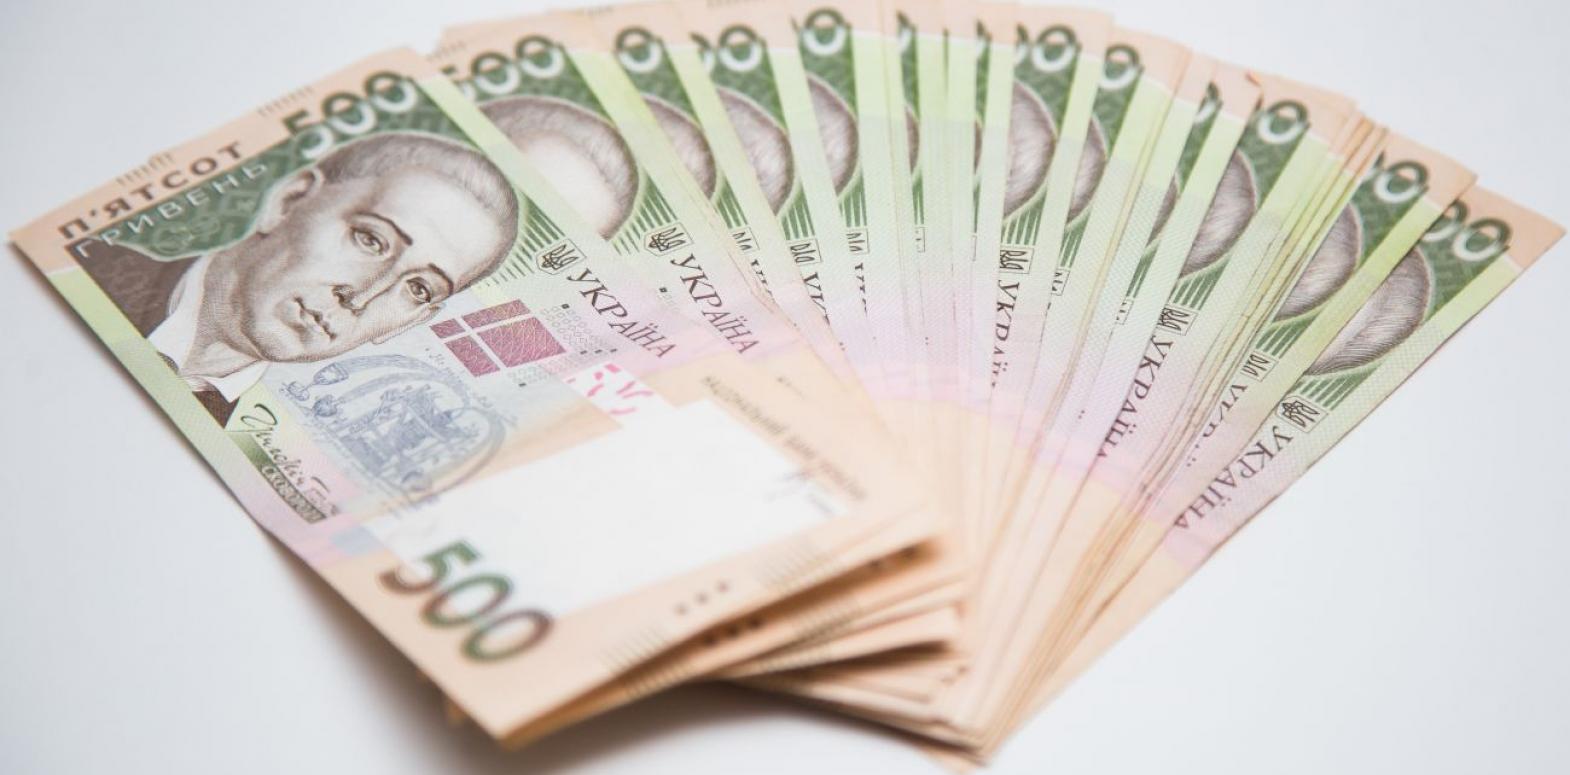 Реализация Национальной экономической стратегии за 10 лет сможет удвоить ВВП Украины, - эксперт